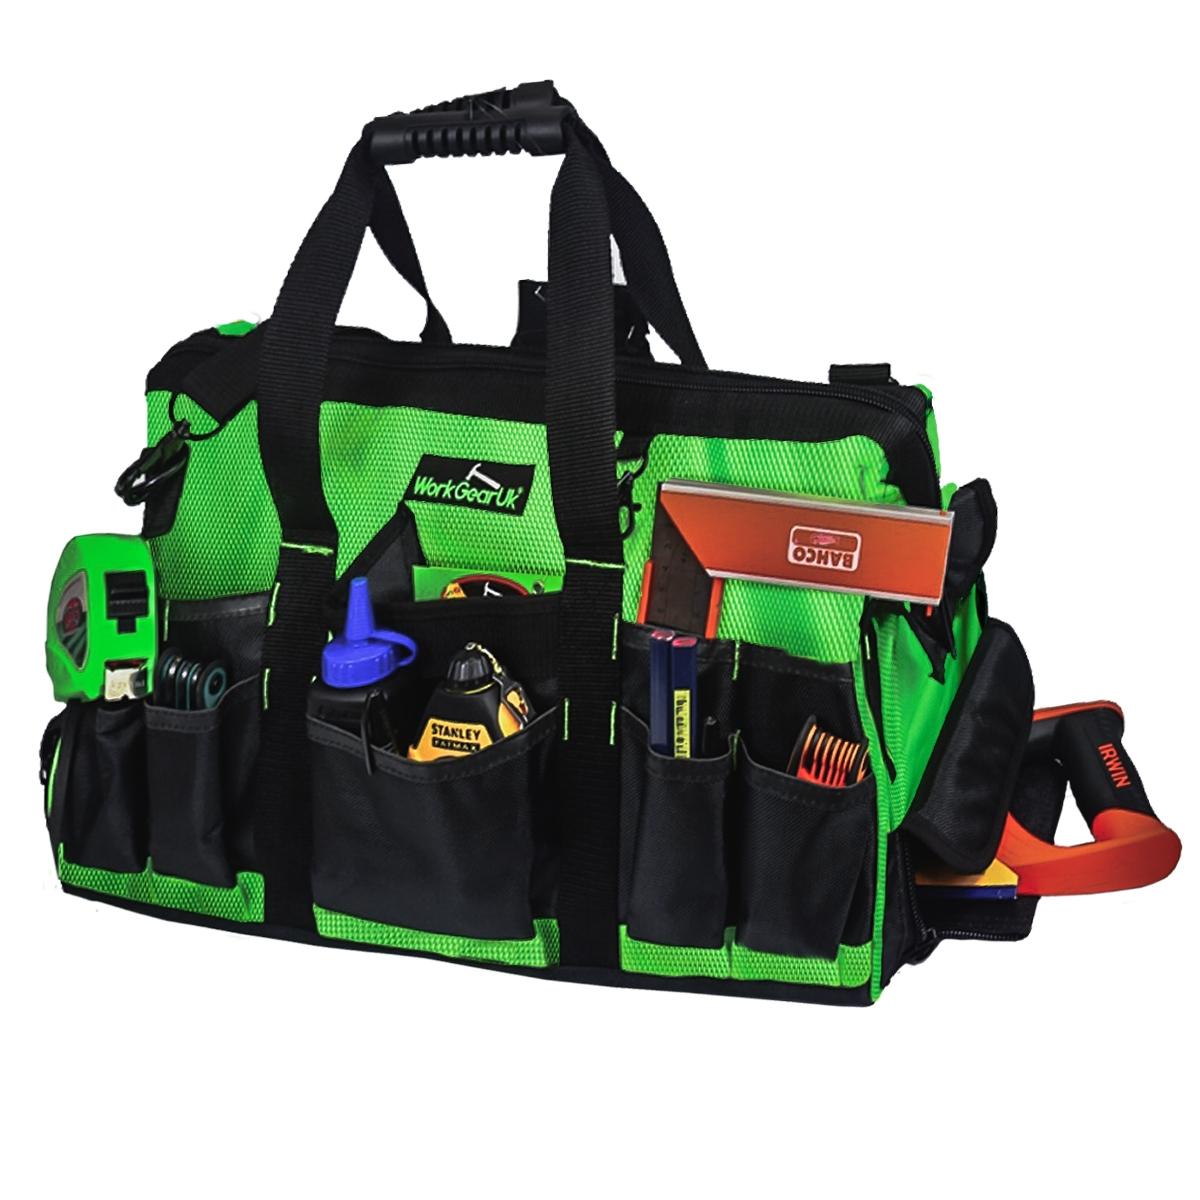 Tool Bags & Storage